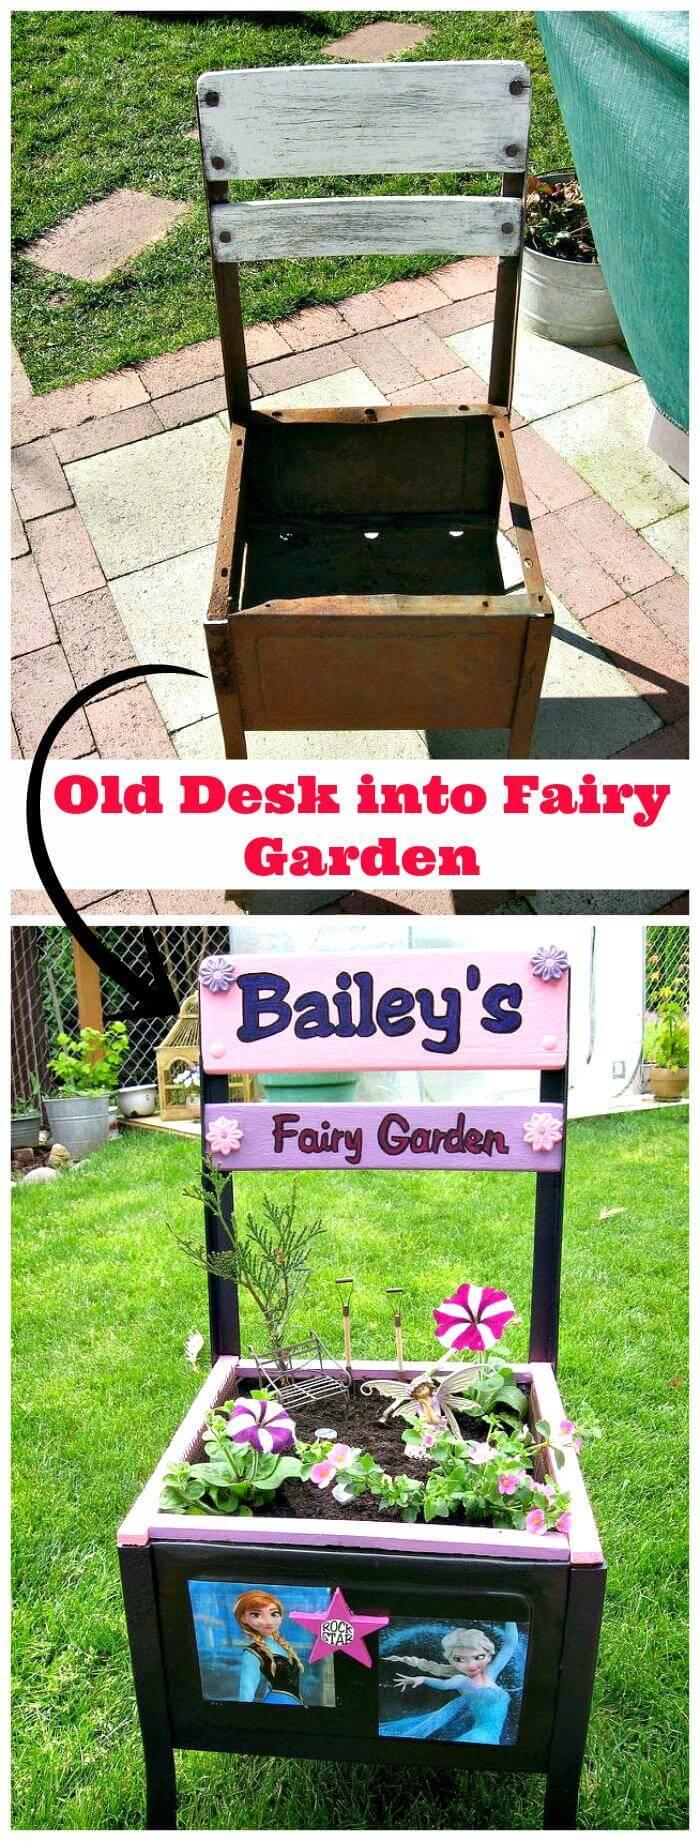 Old Desk into Fairy Garden